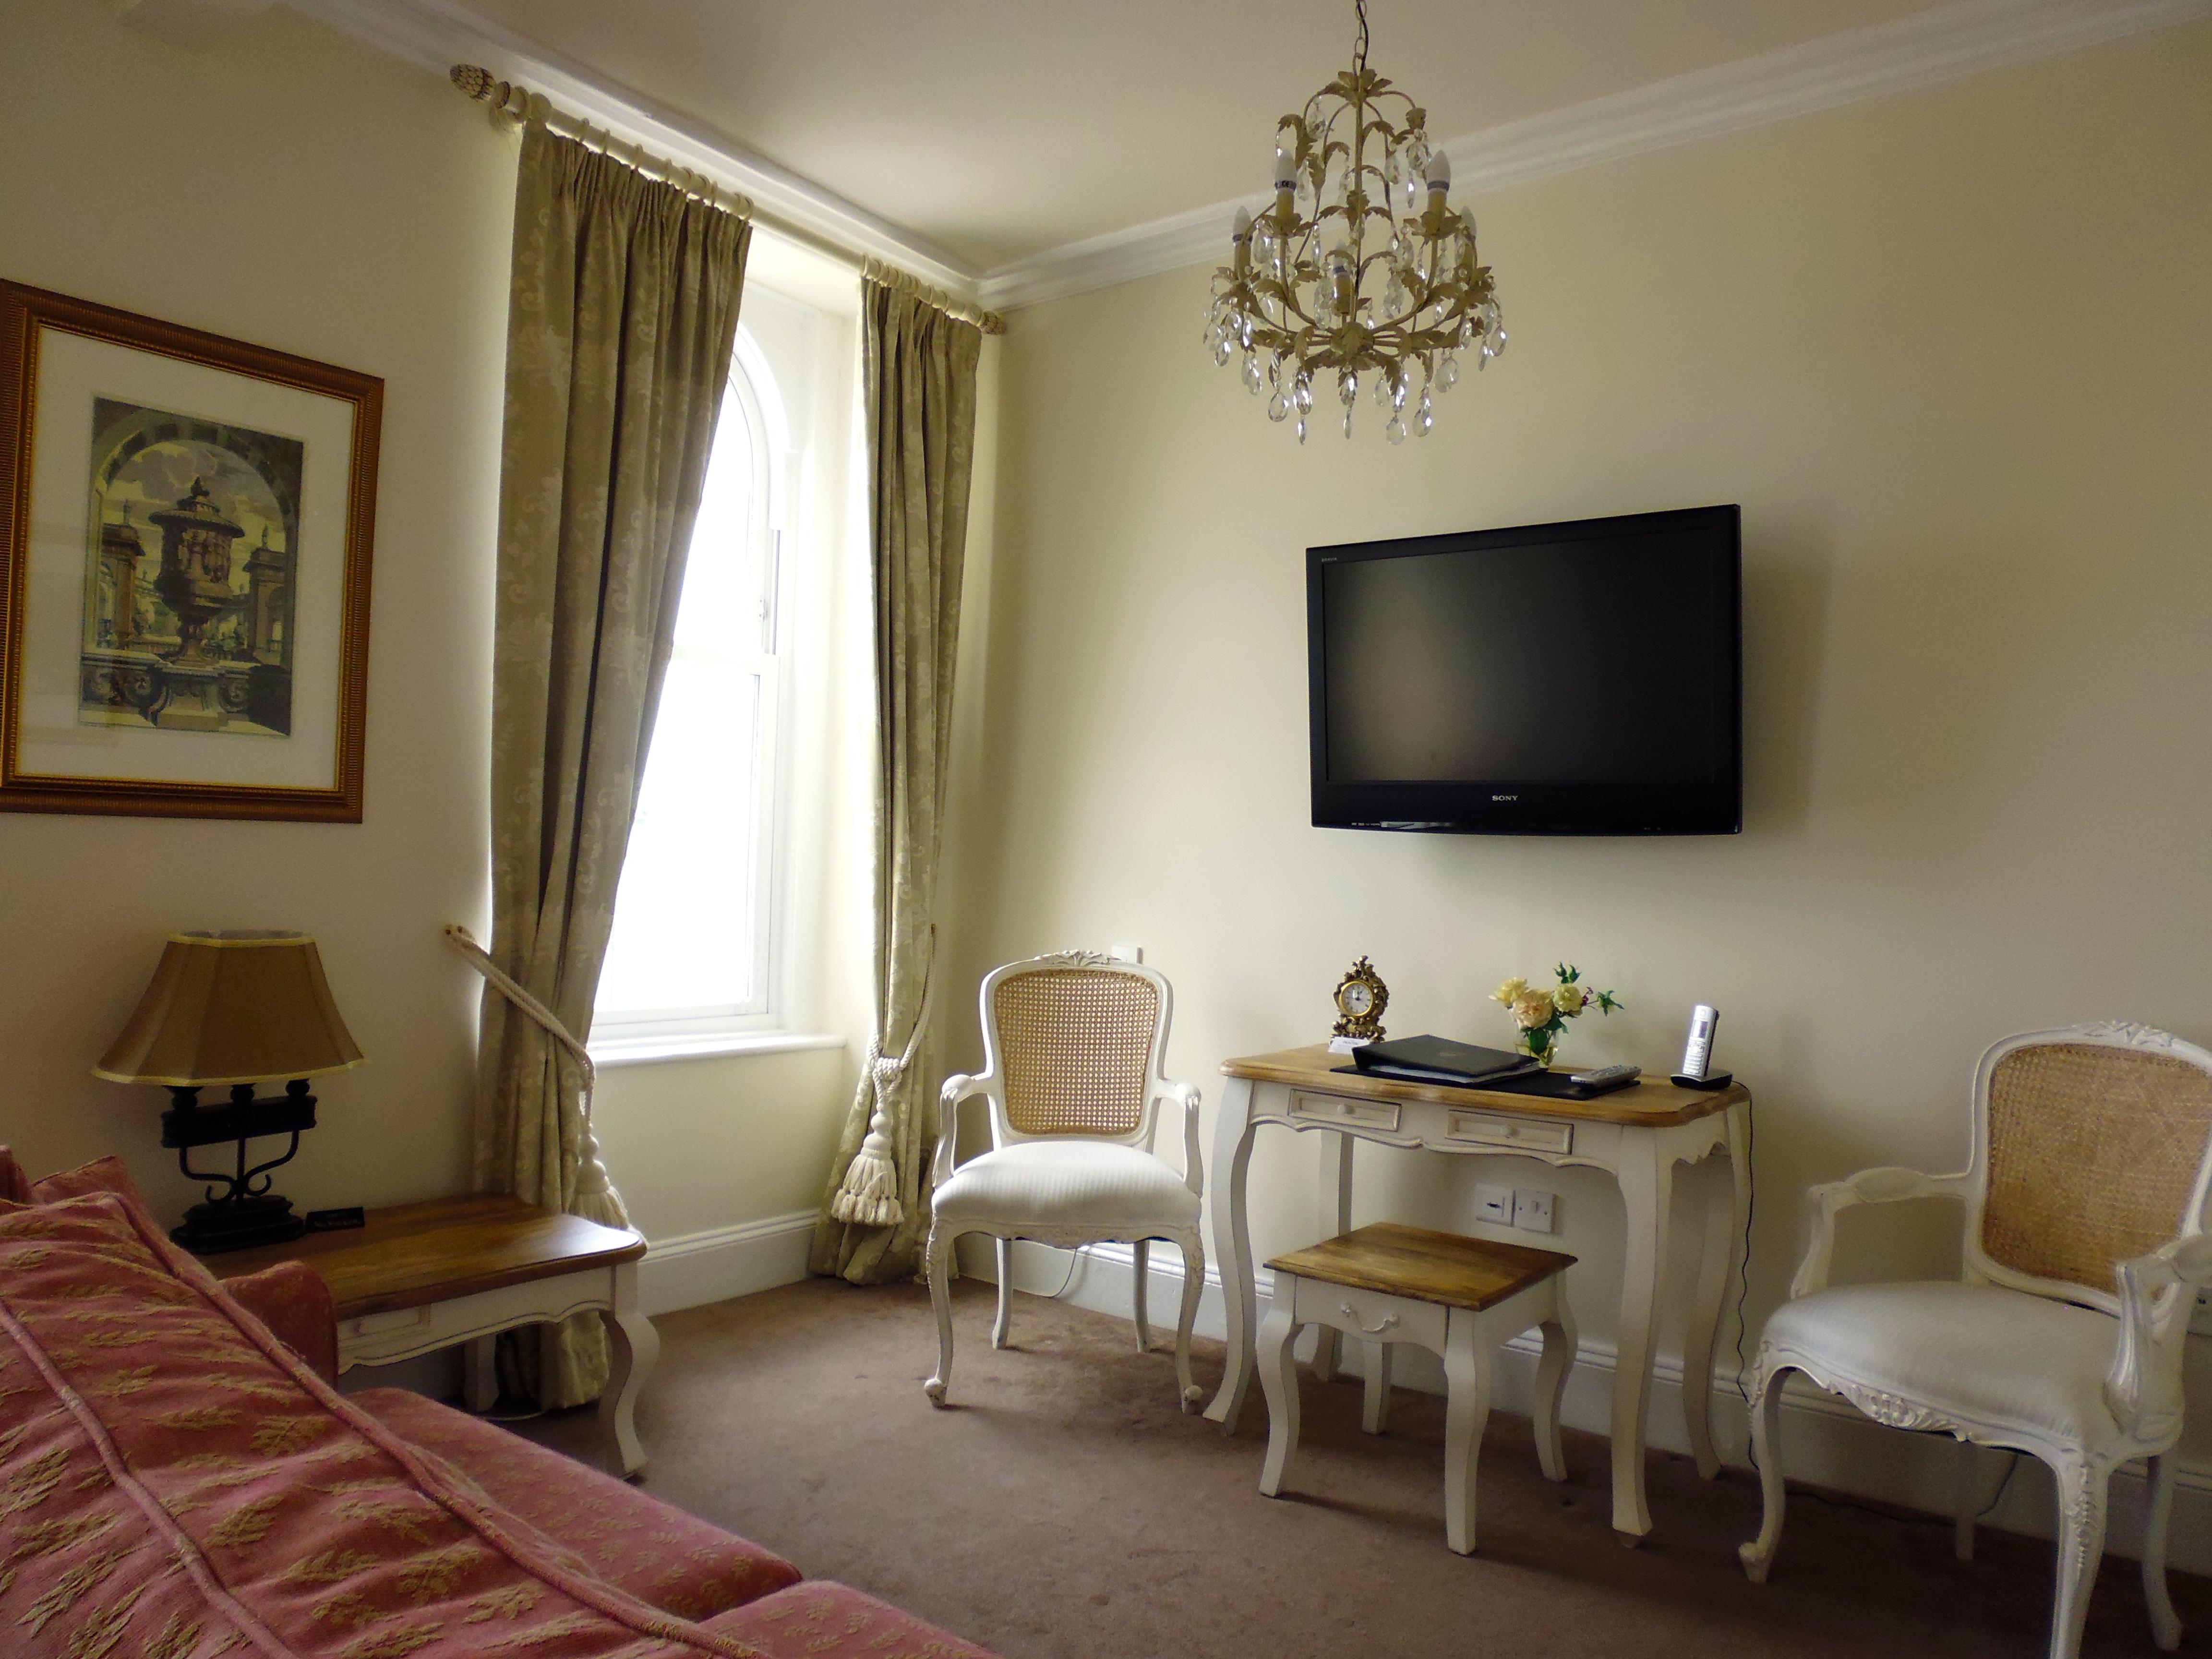 Apartment 4 classic design